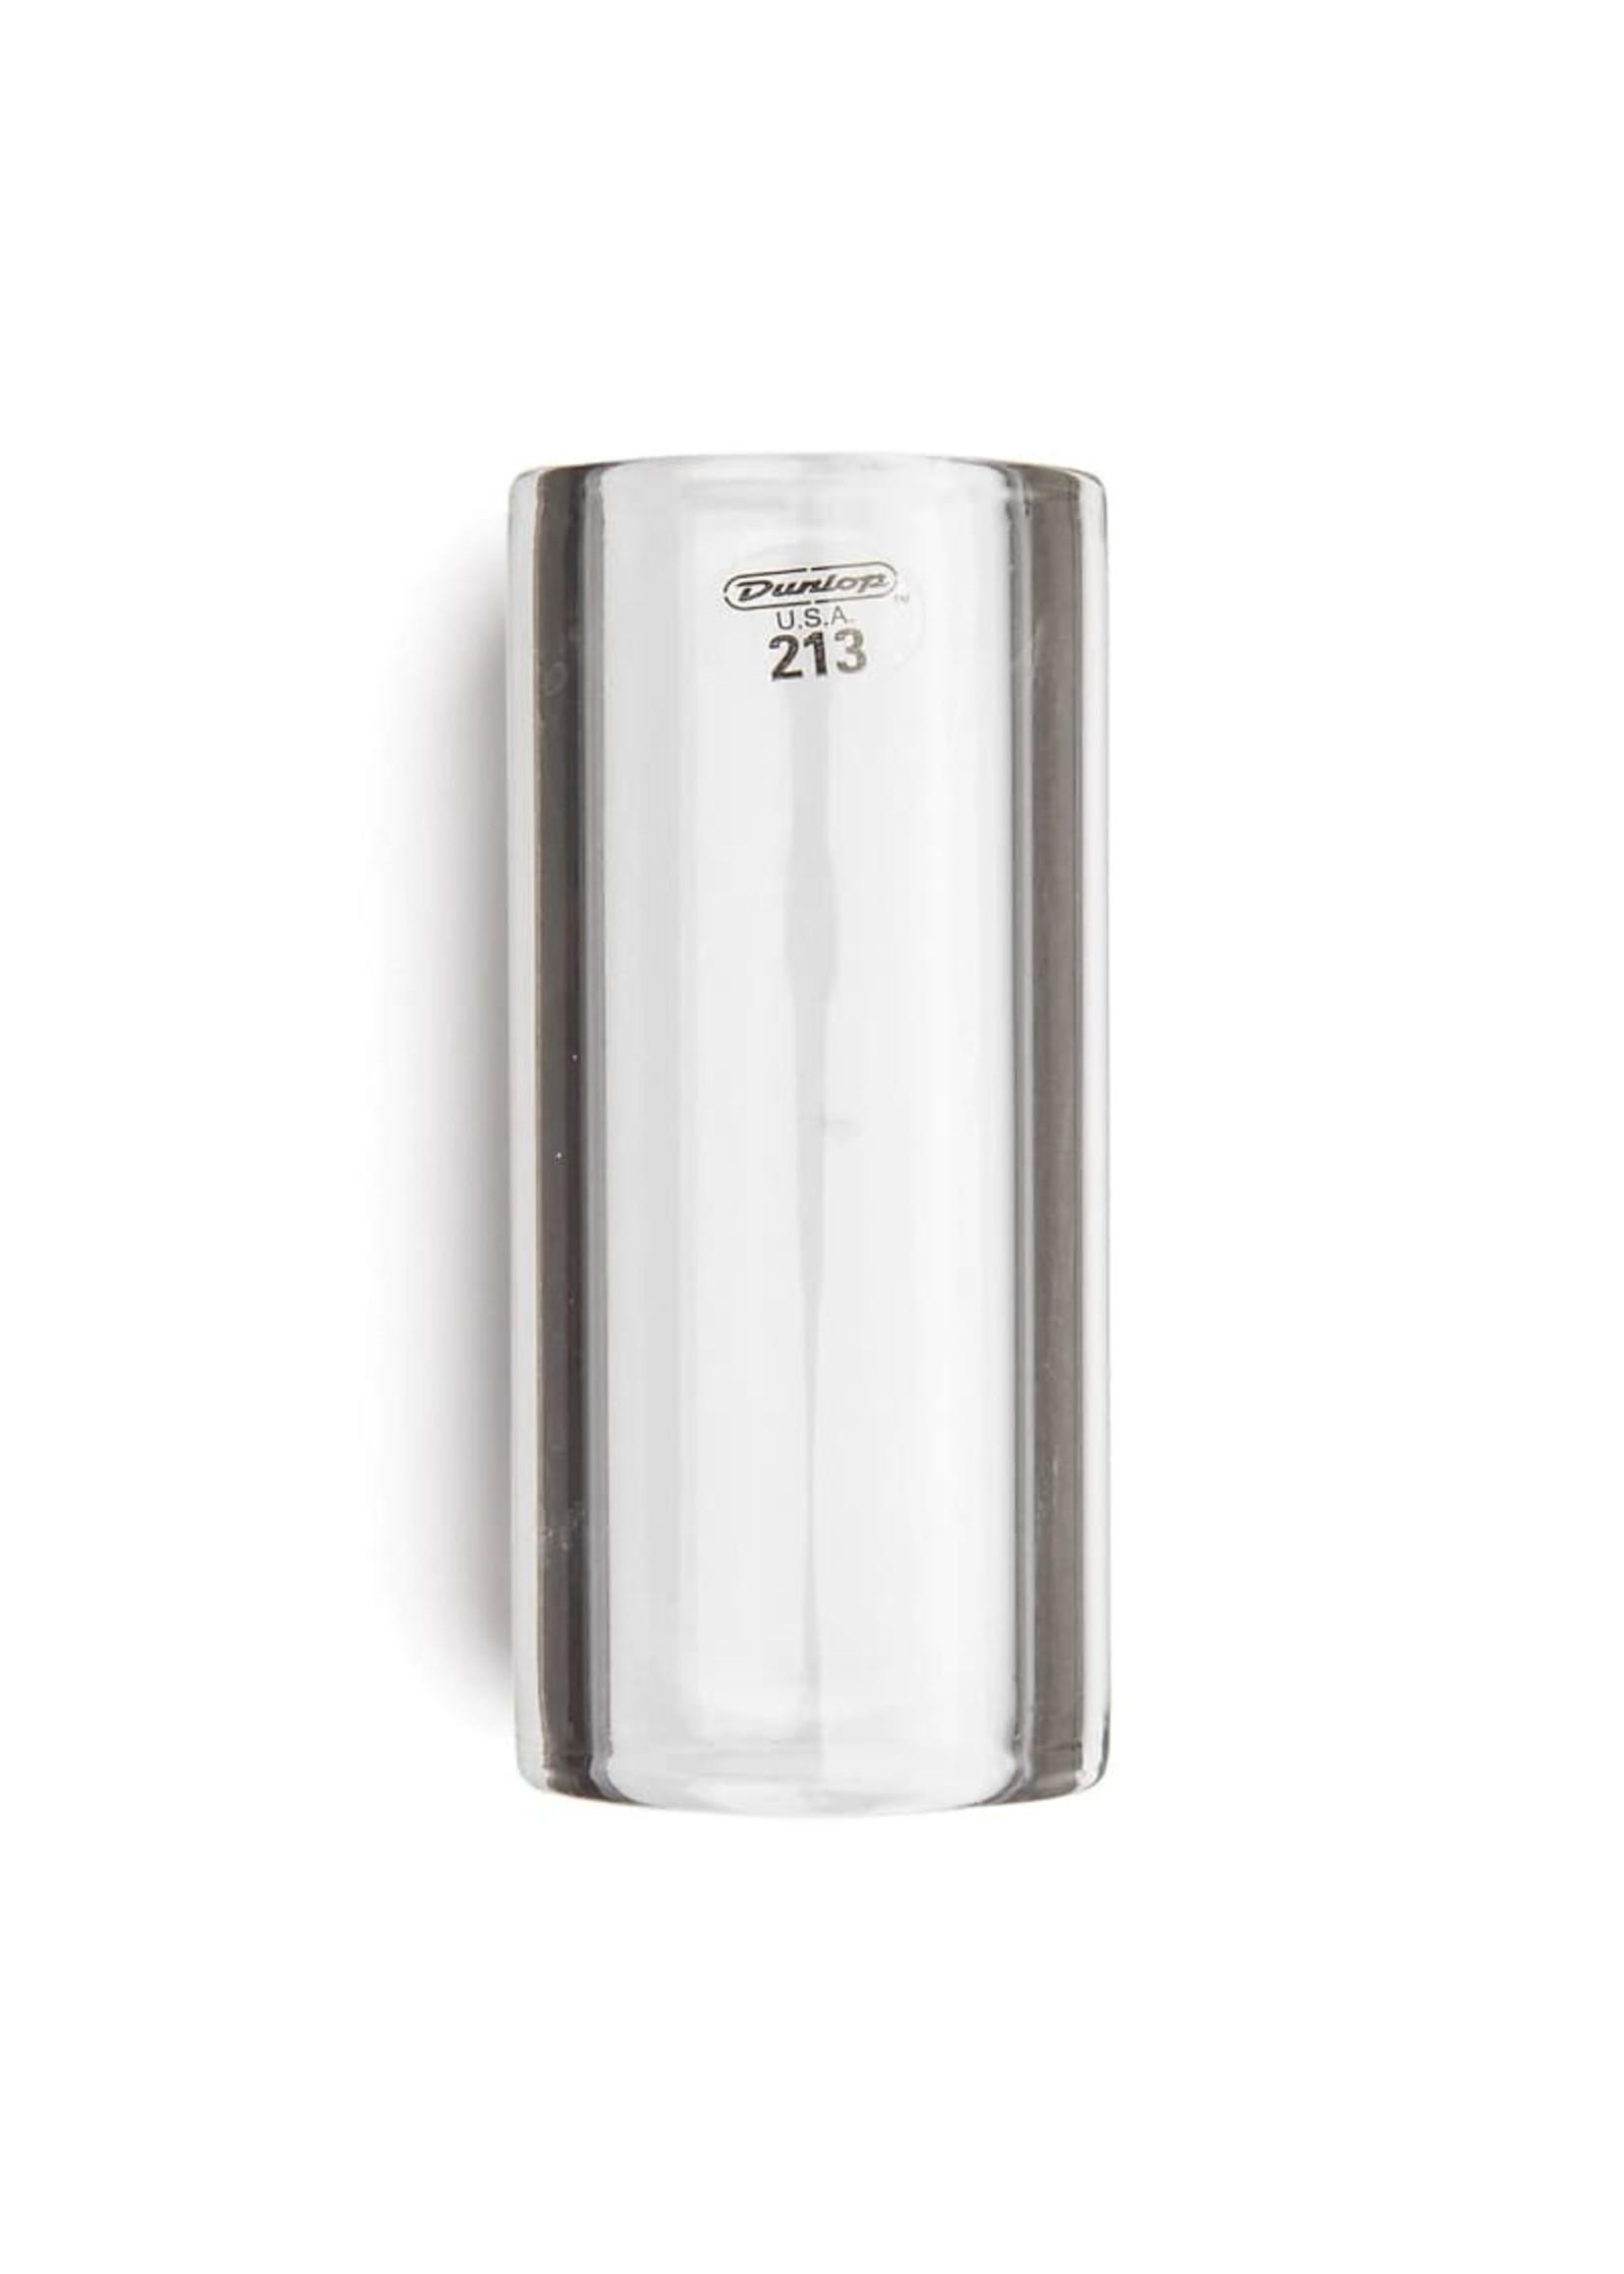 Dunlop Dunlop 213 HEAVY WALL LARGE GLASS SLIDE